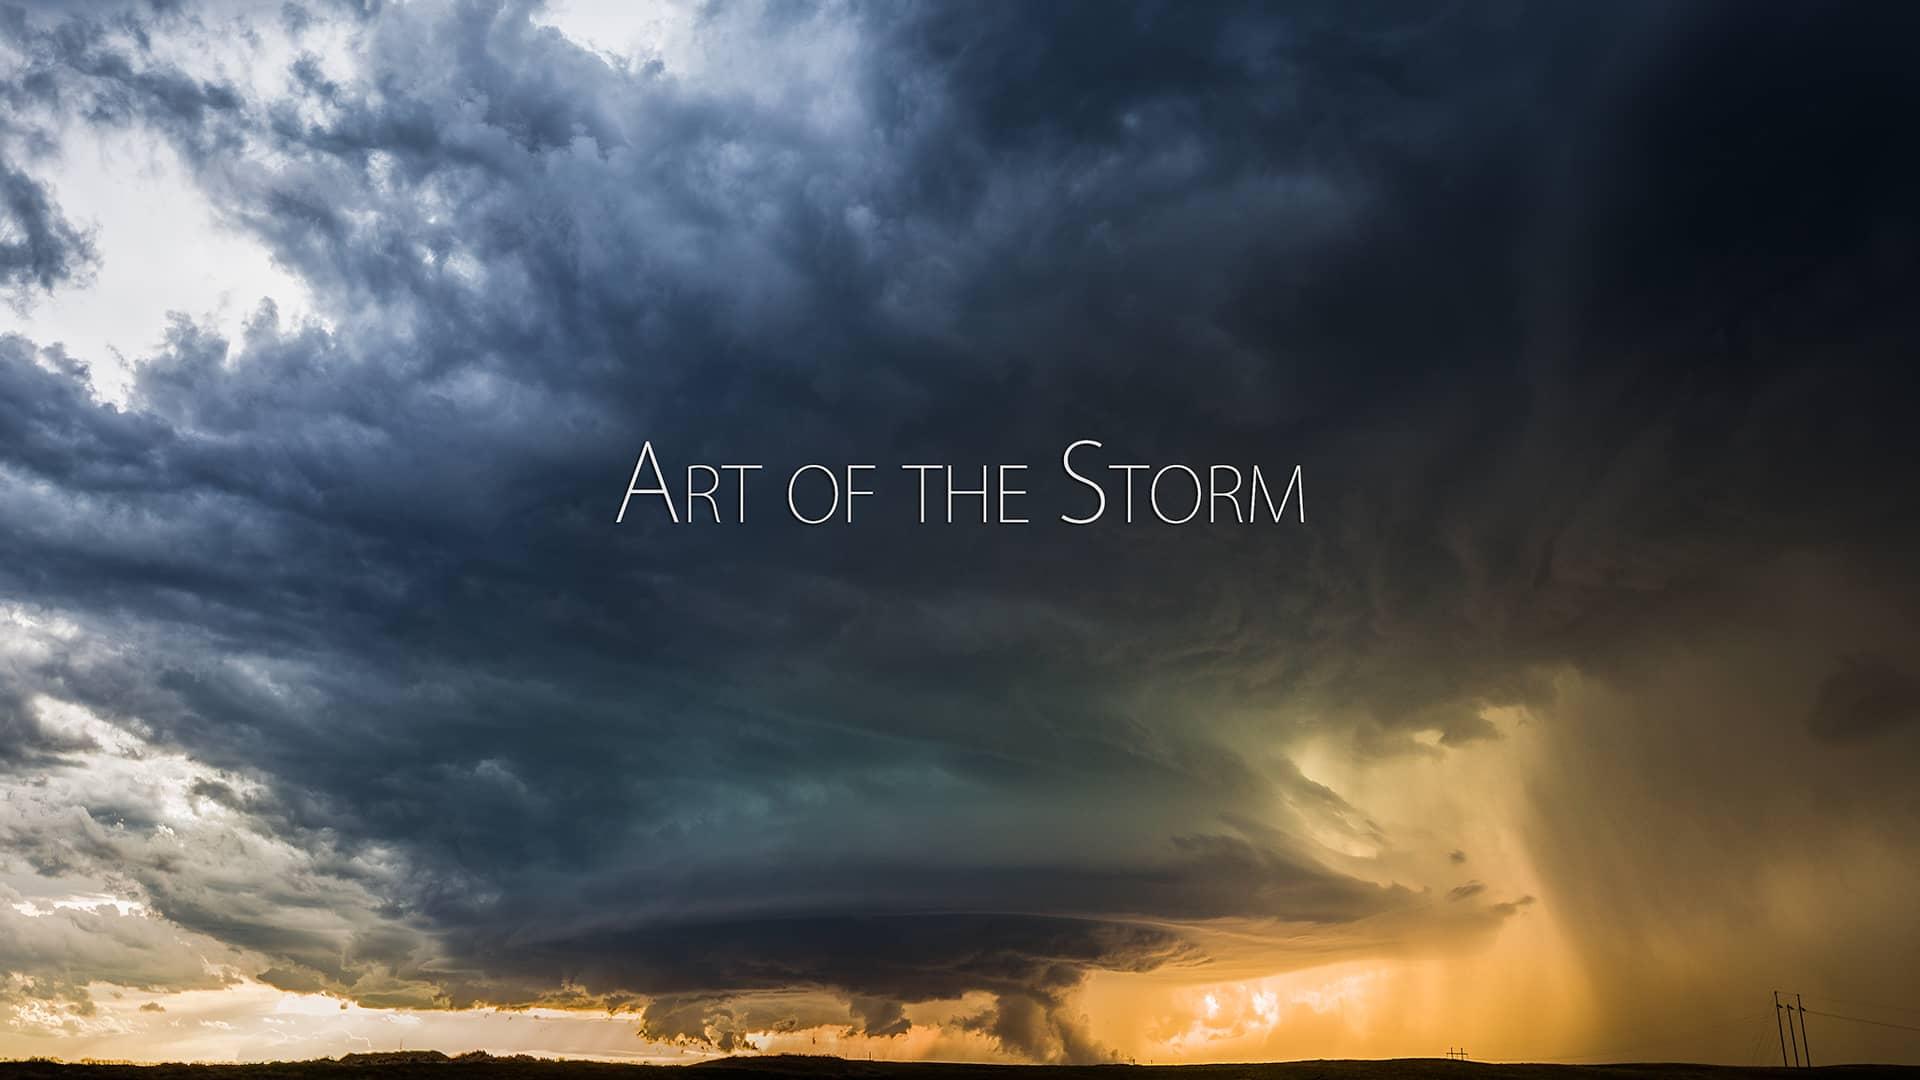 Storm Là Gì? Tìm Hiểu Về Storm Là Gì?